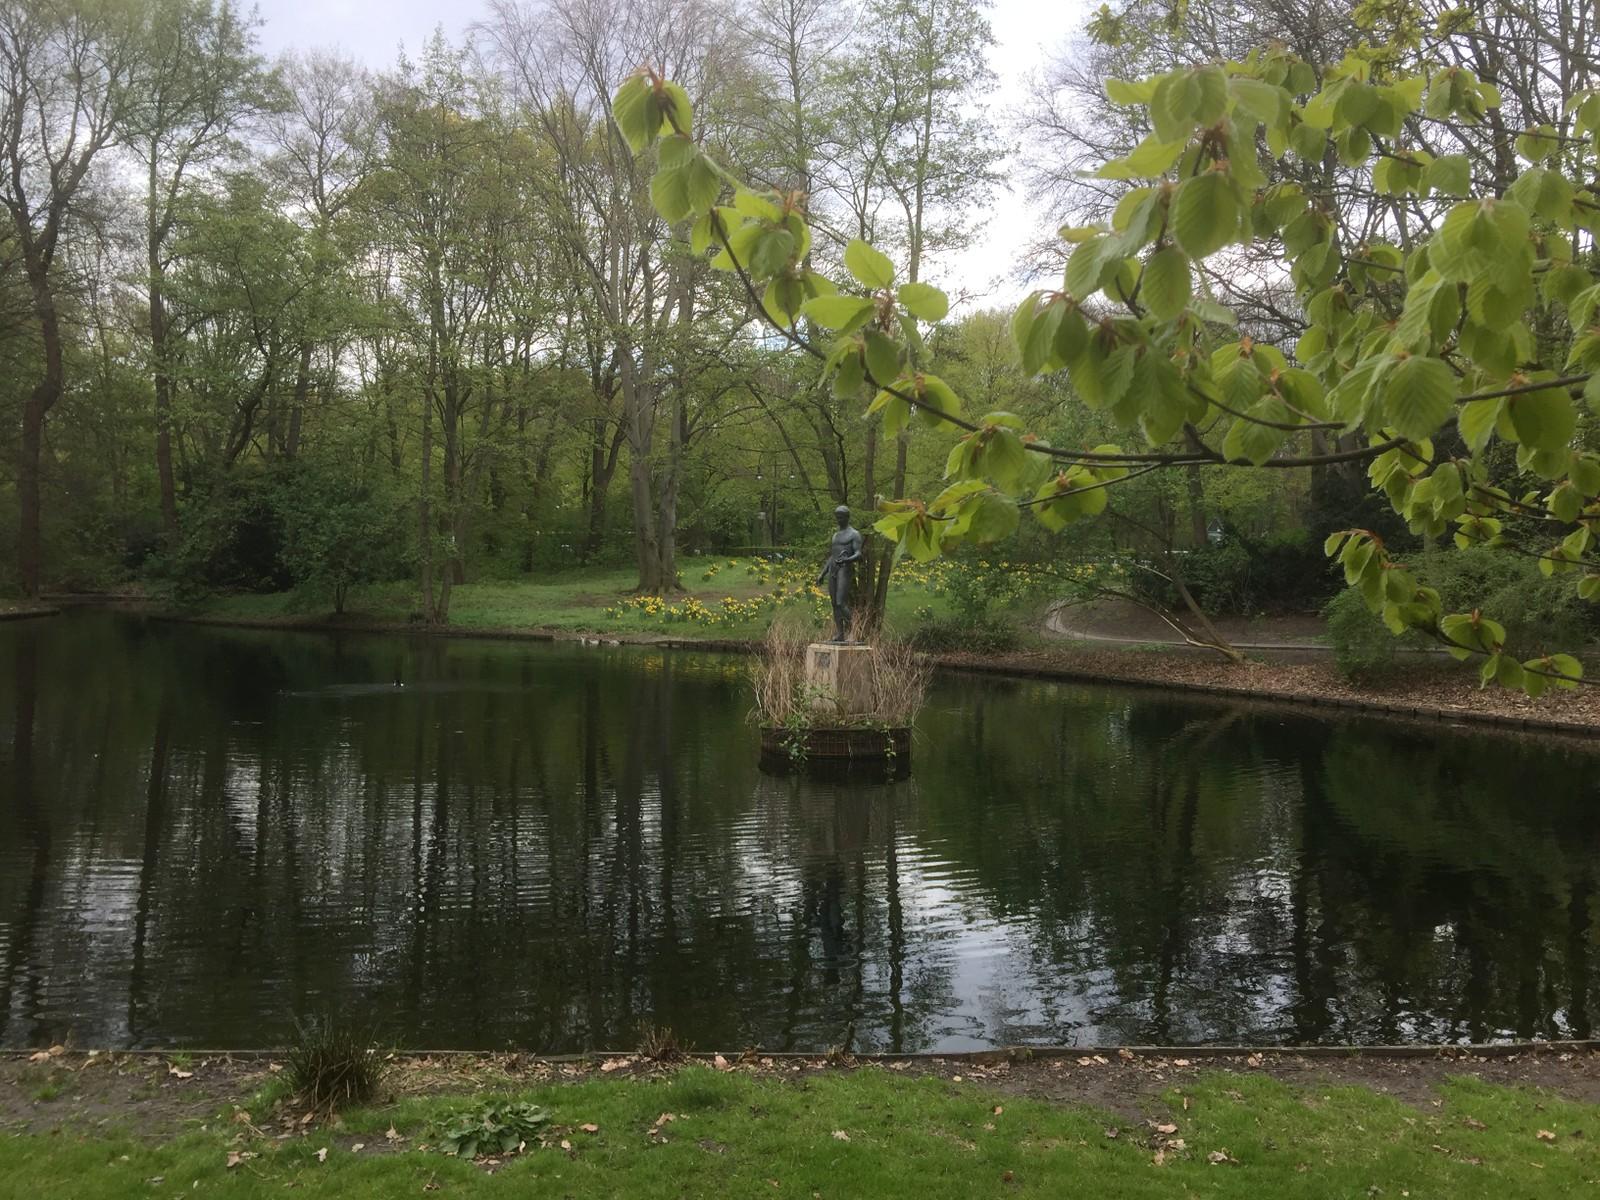 FOLK FLEST. På 1700-tallet ble parken åpnet for folk flest av Kong Fredrik den store av Preussen.